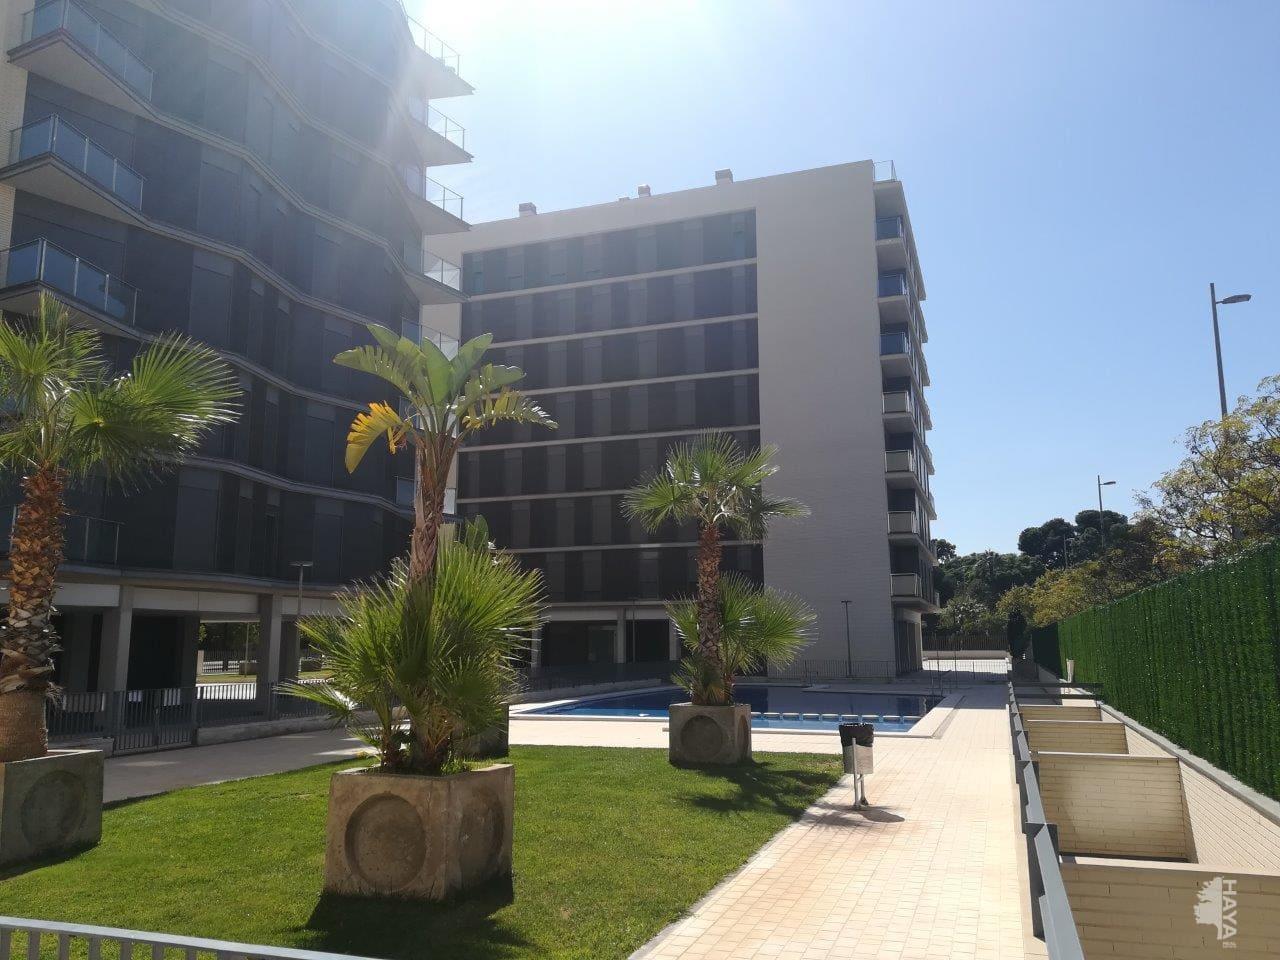 Piso en venta en Grupo Santiago, Castellón de la Plana/castelló de la Plana, Castellón, Calle la Safor, 137.550 €, 2 habitaciones, 2 baños, 132 m2